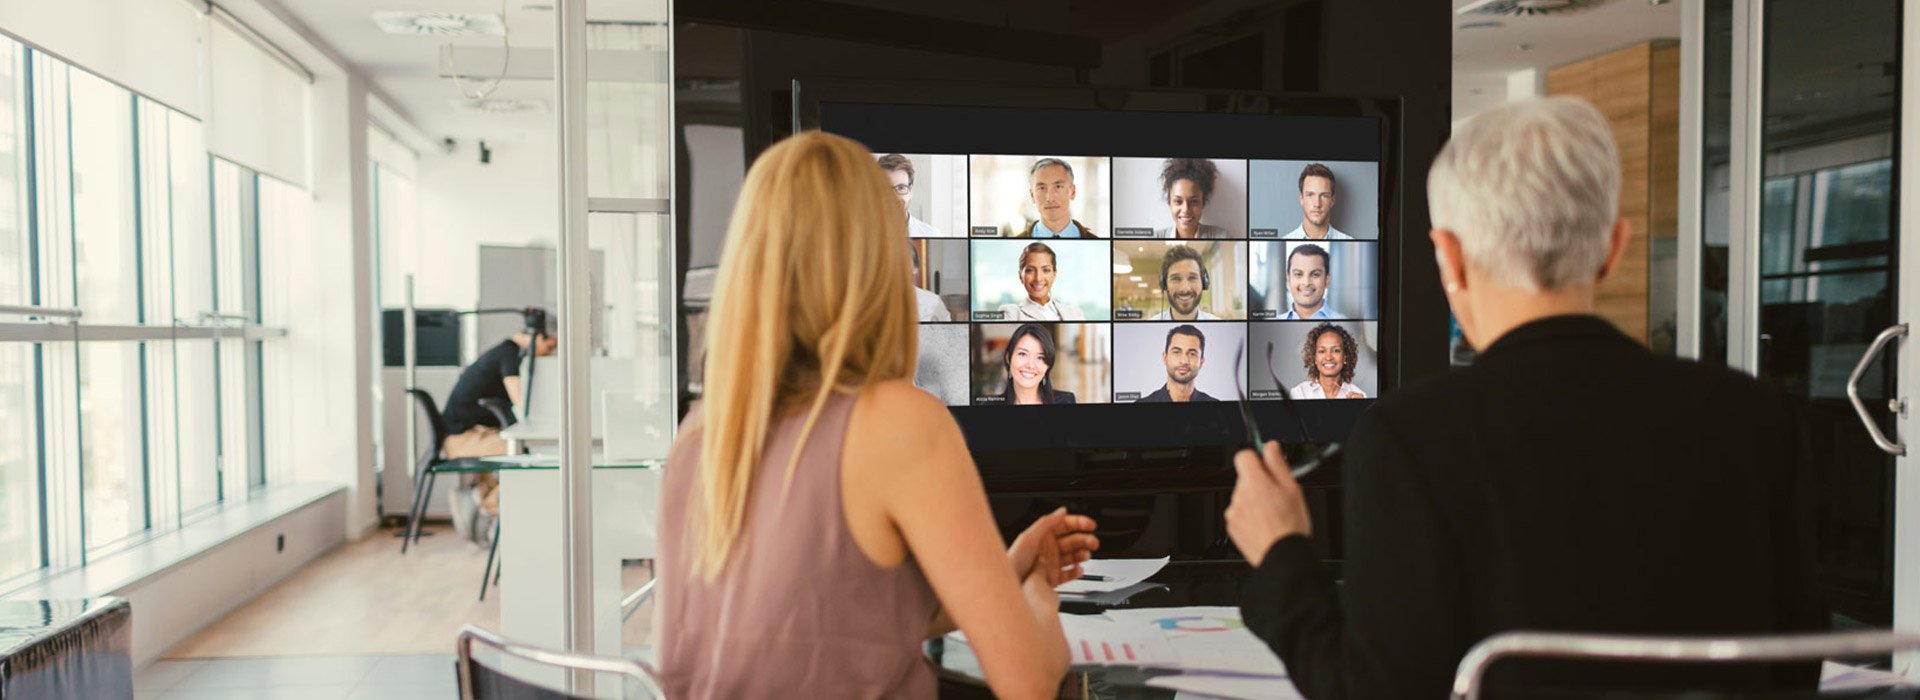 Zoom Videokonferenz